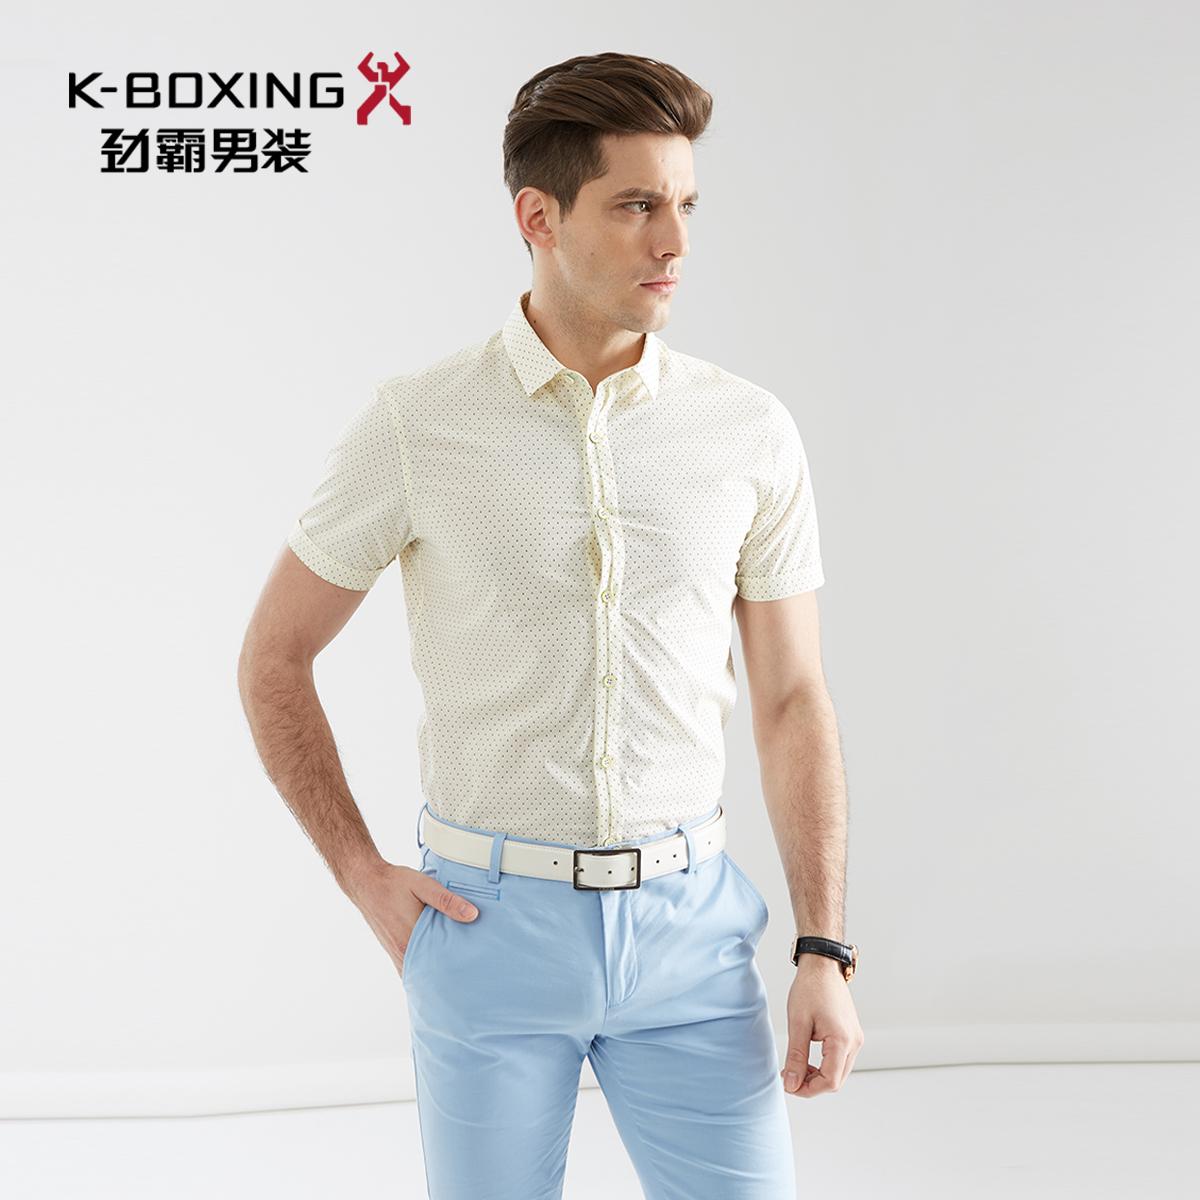 夏季新款 劲霸男装短袖衬衣时尚商务休闲男款衬衫BECJ2125